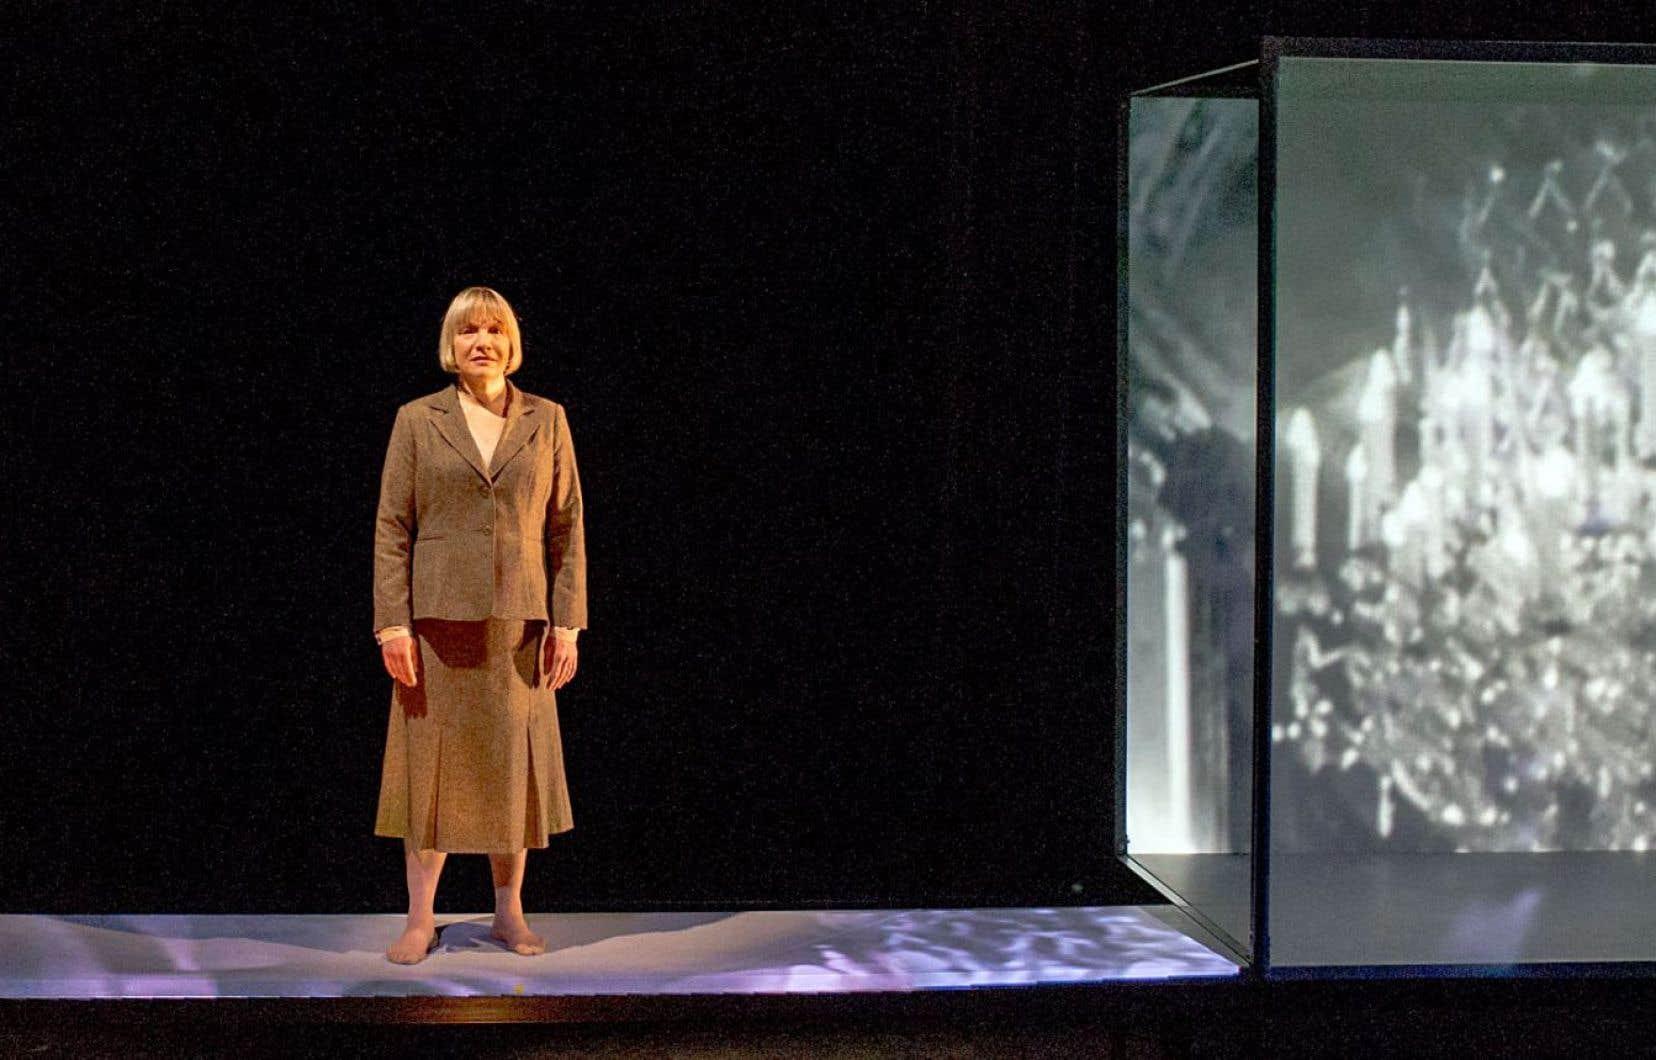 L'actrice sera accompagnée sur scène par Jérôme Minière, qui chantera des extraits du répertoire Brecht-Kurt Weil.